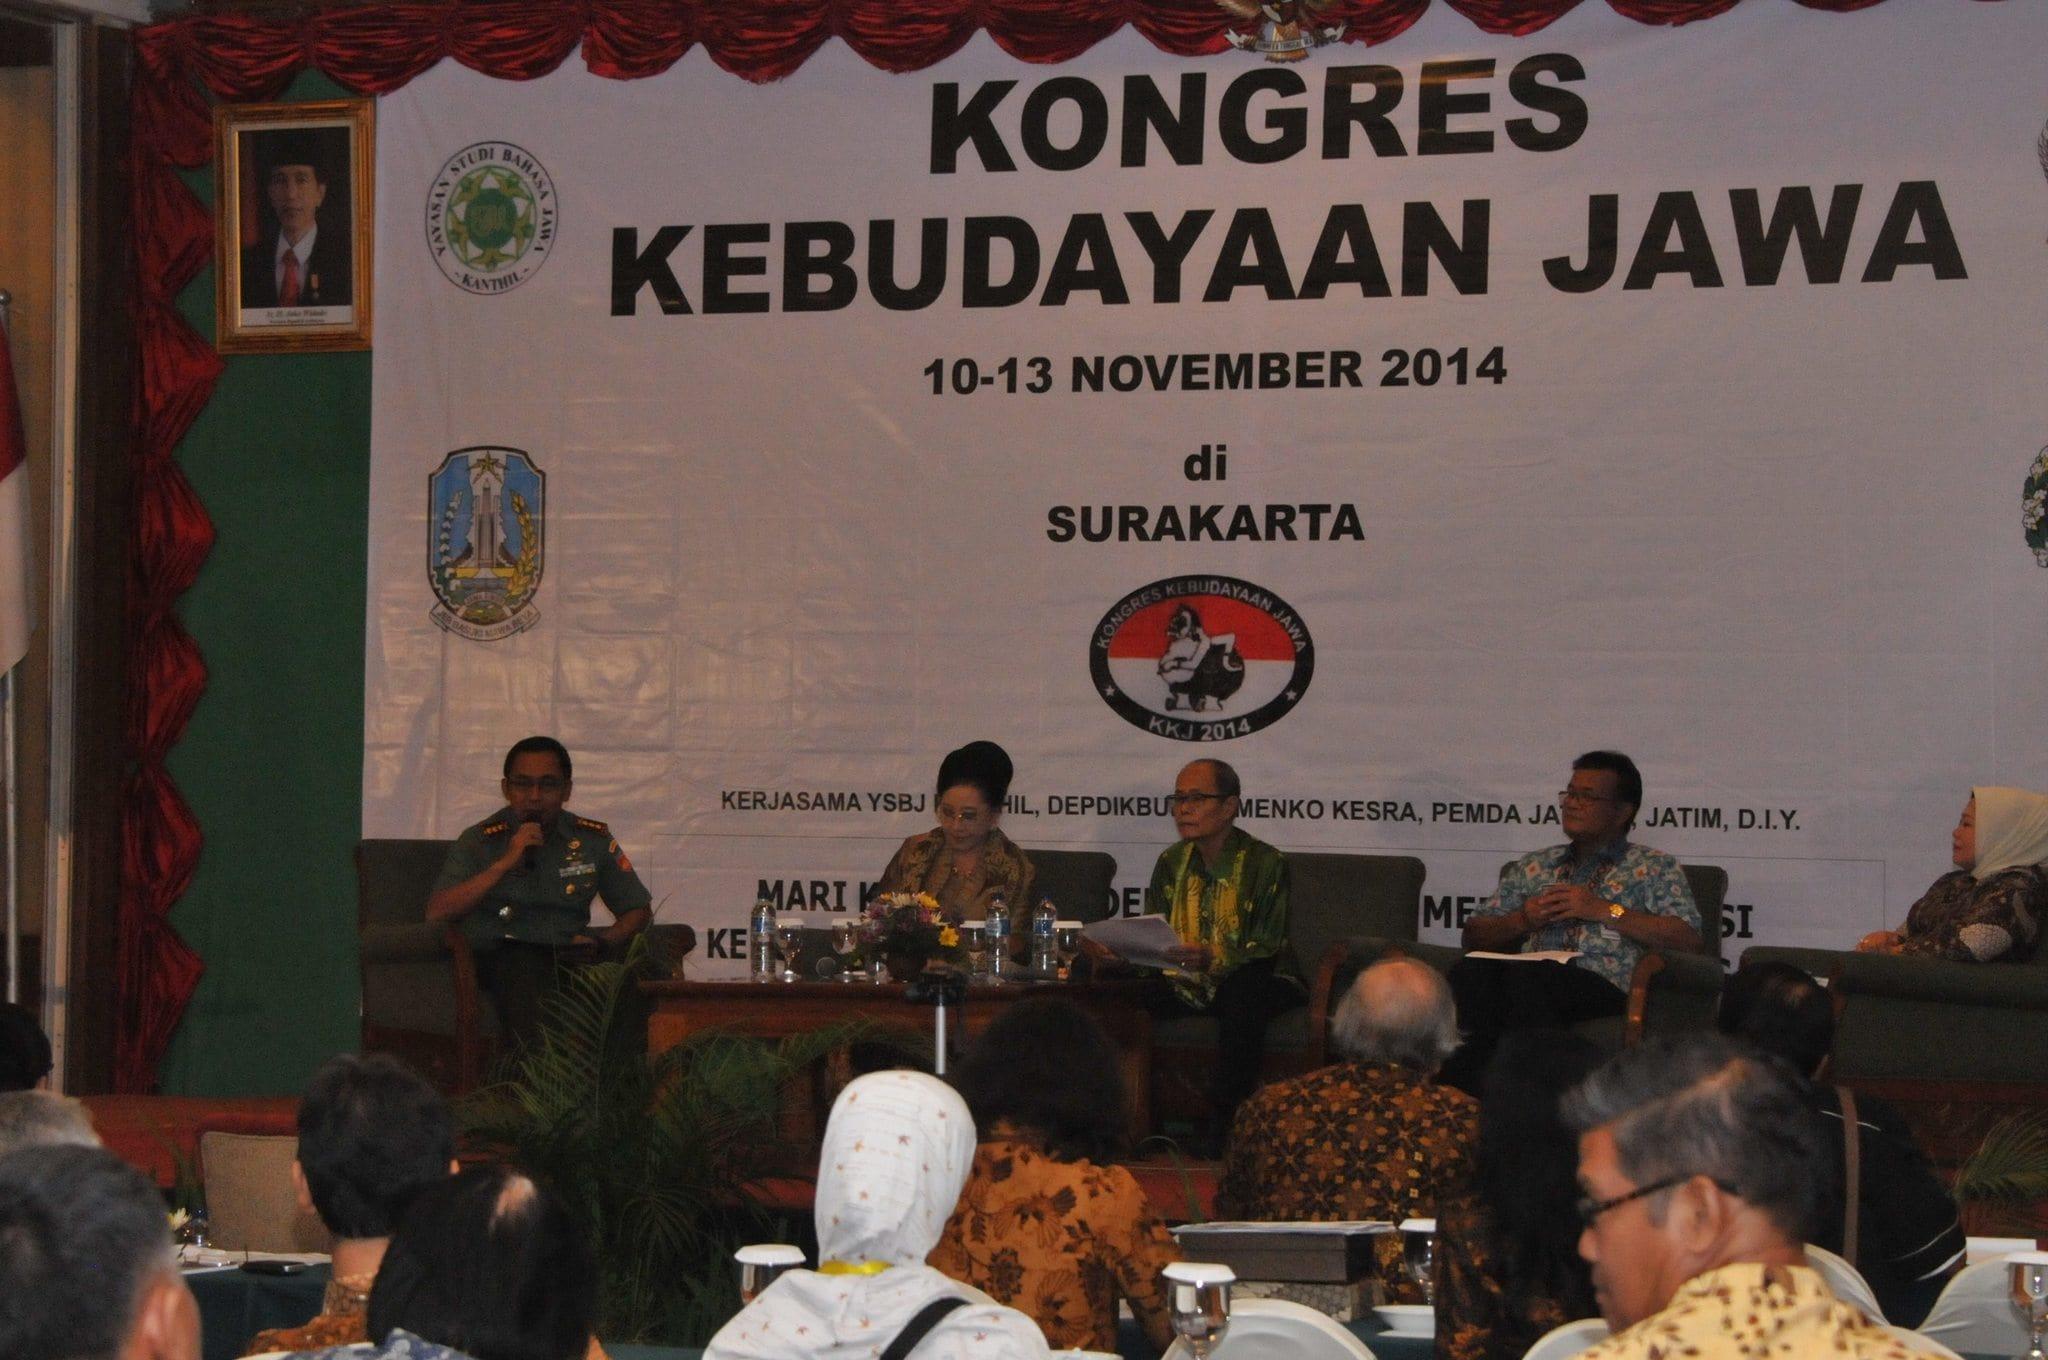 Danrem 074/Wrt sebagai pembicara pada acara Konggres Kebudayaan Jawa